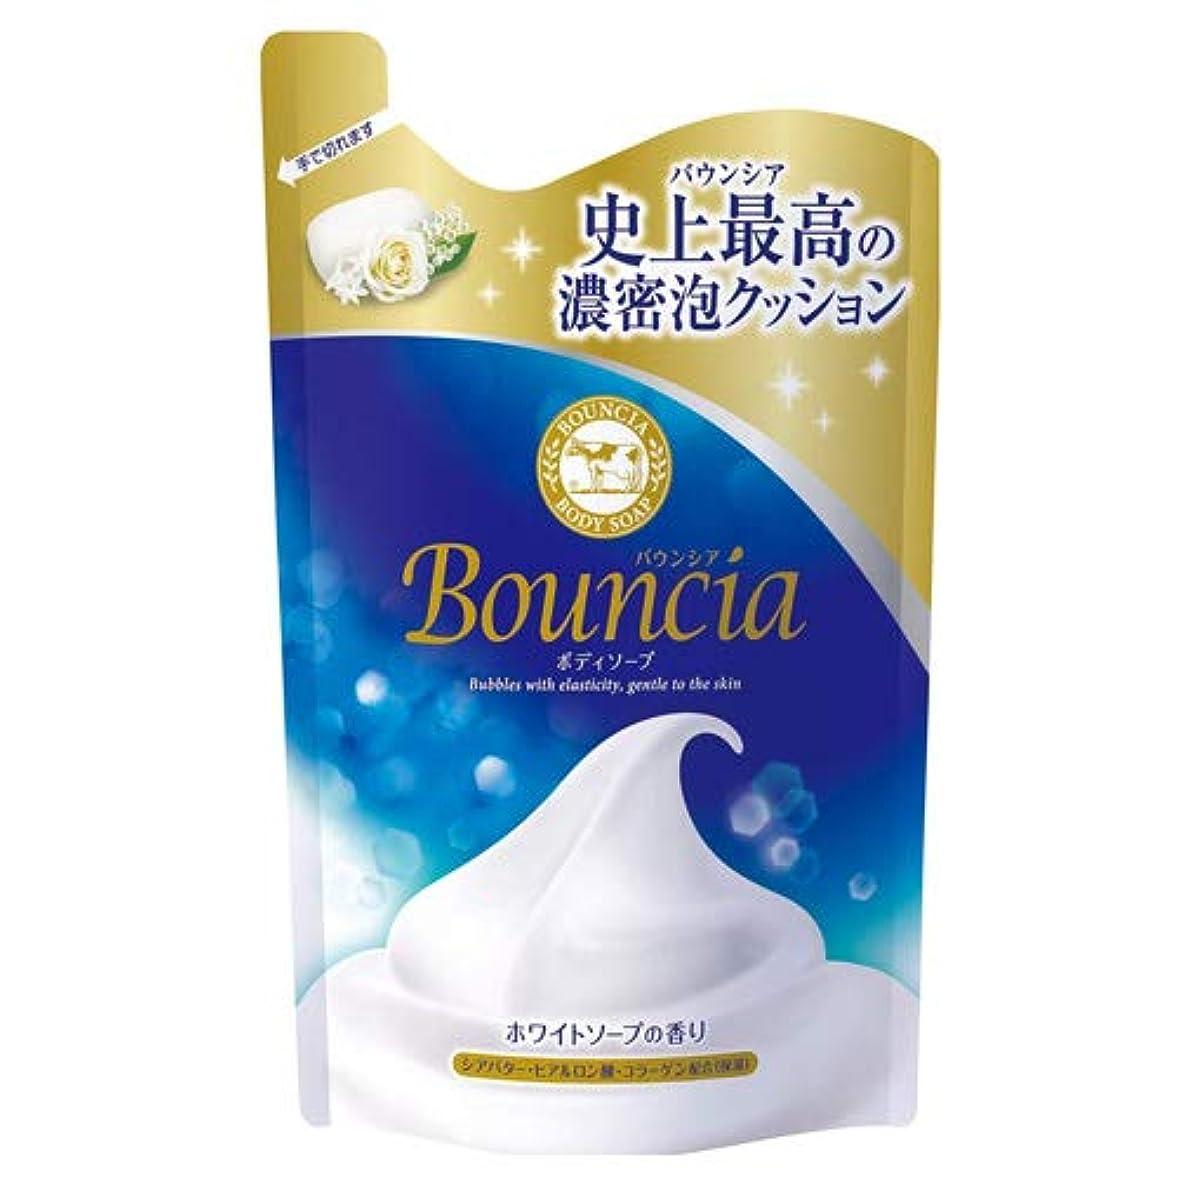 ペストどれでも農奴牛乳石鹸 バウンシア ボディソープ 詰替用 400ml×4個